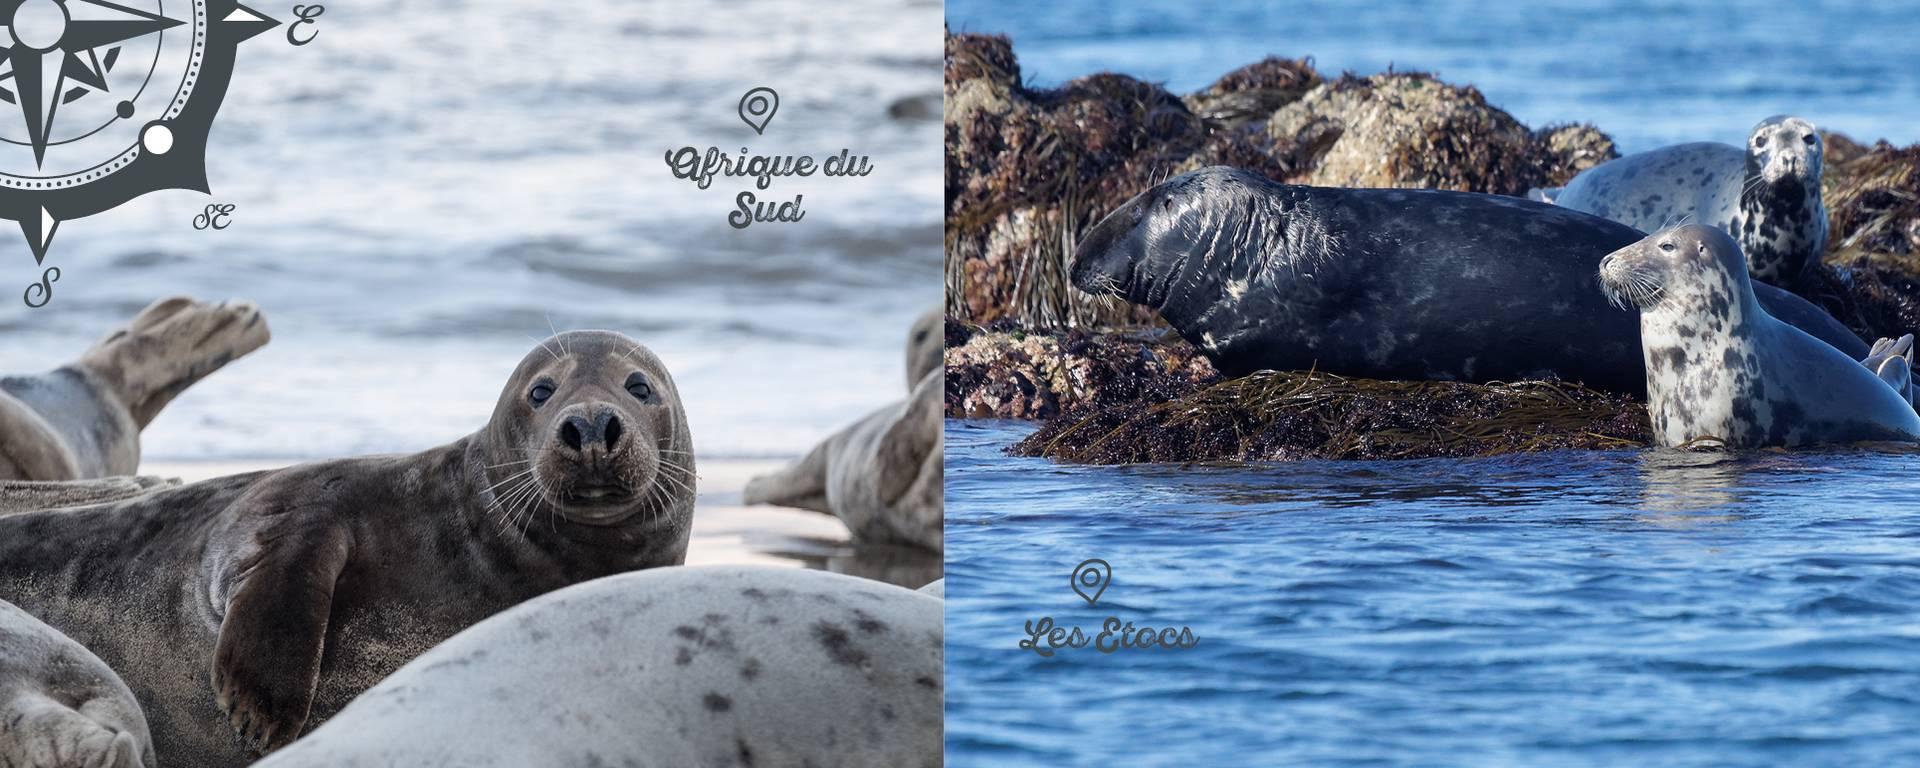 Les Etocs abritent plusieurs colonies de phoques.  © Freepiks / © P. BORDES